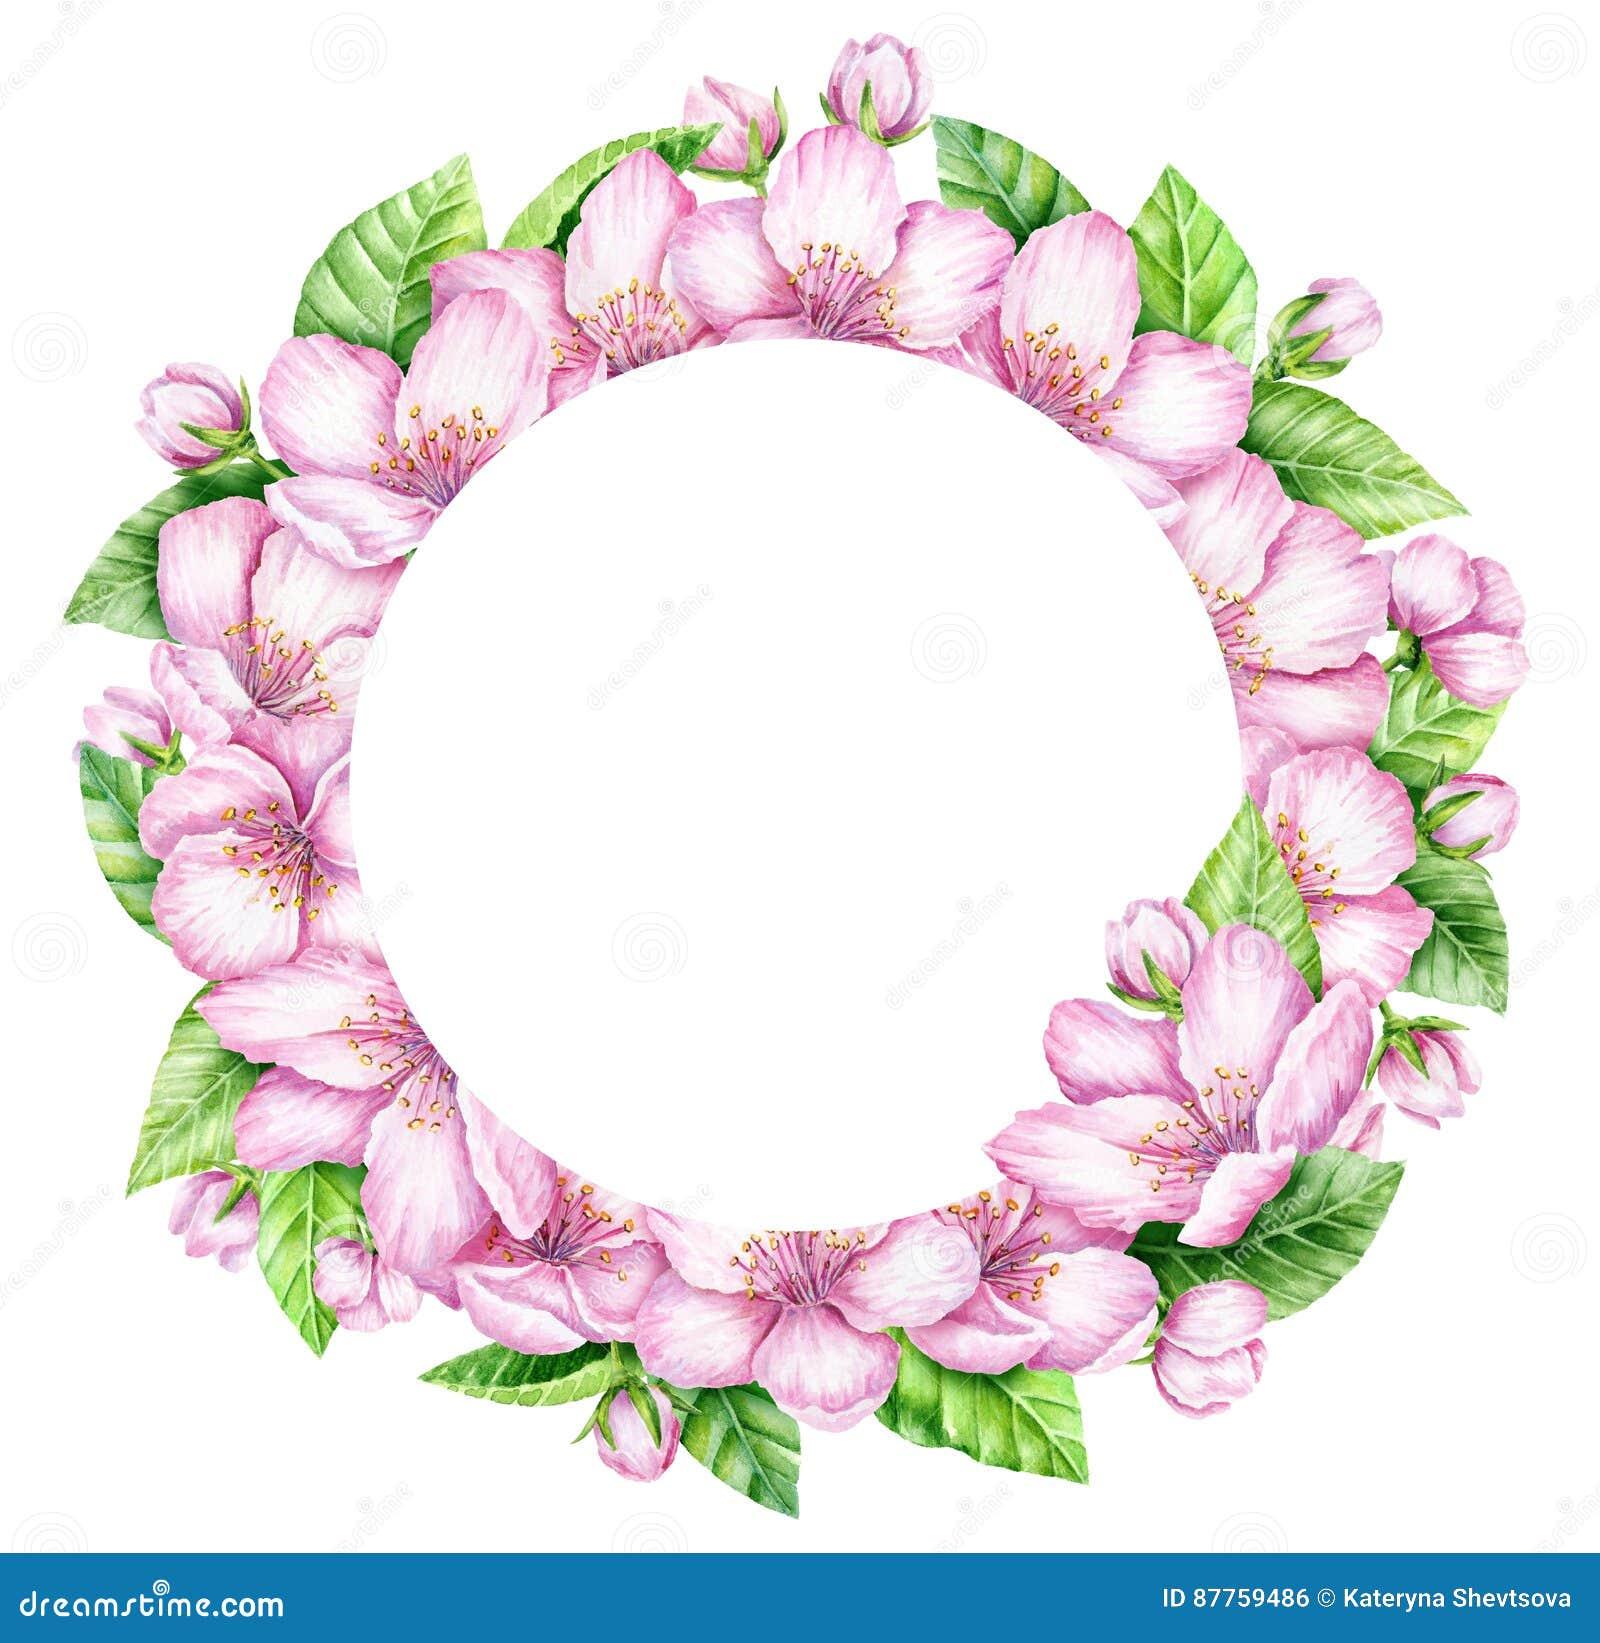 Frühlings Blüten Kranz Dekoratives Bild Einer